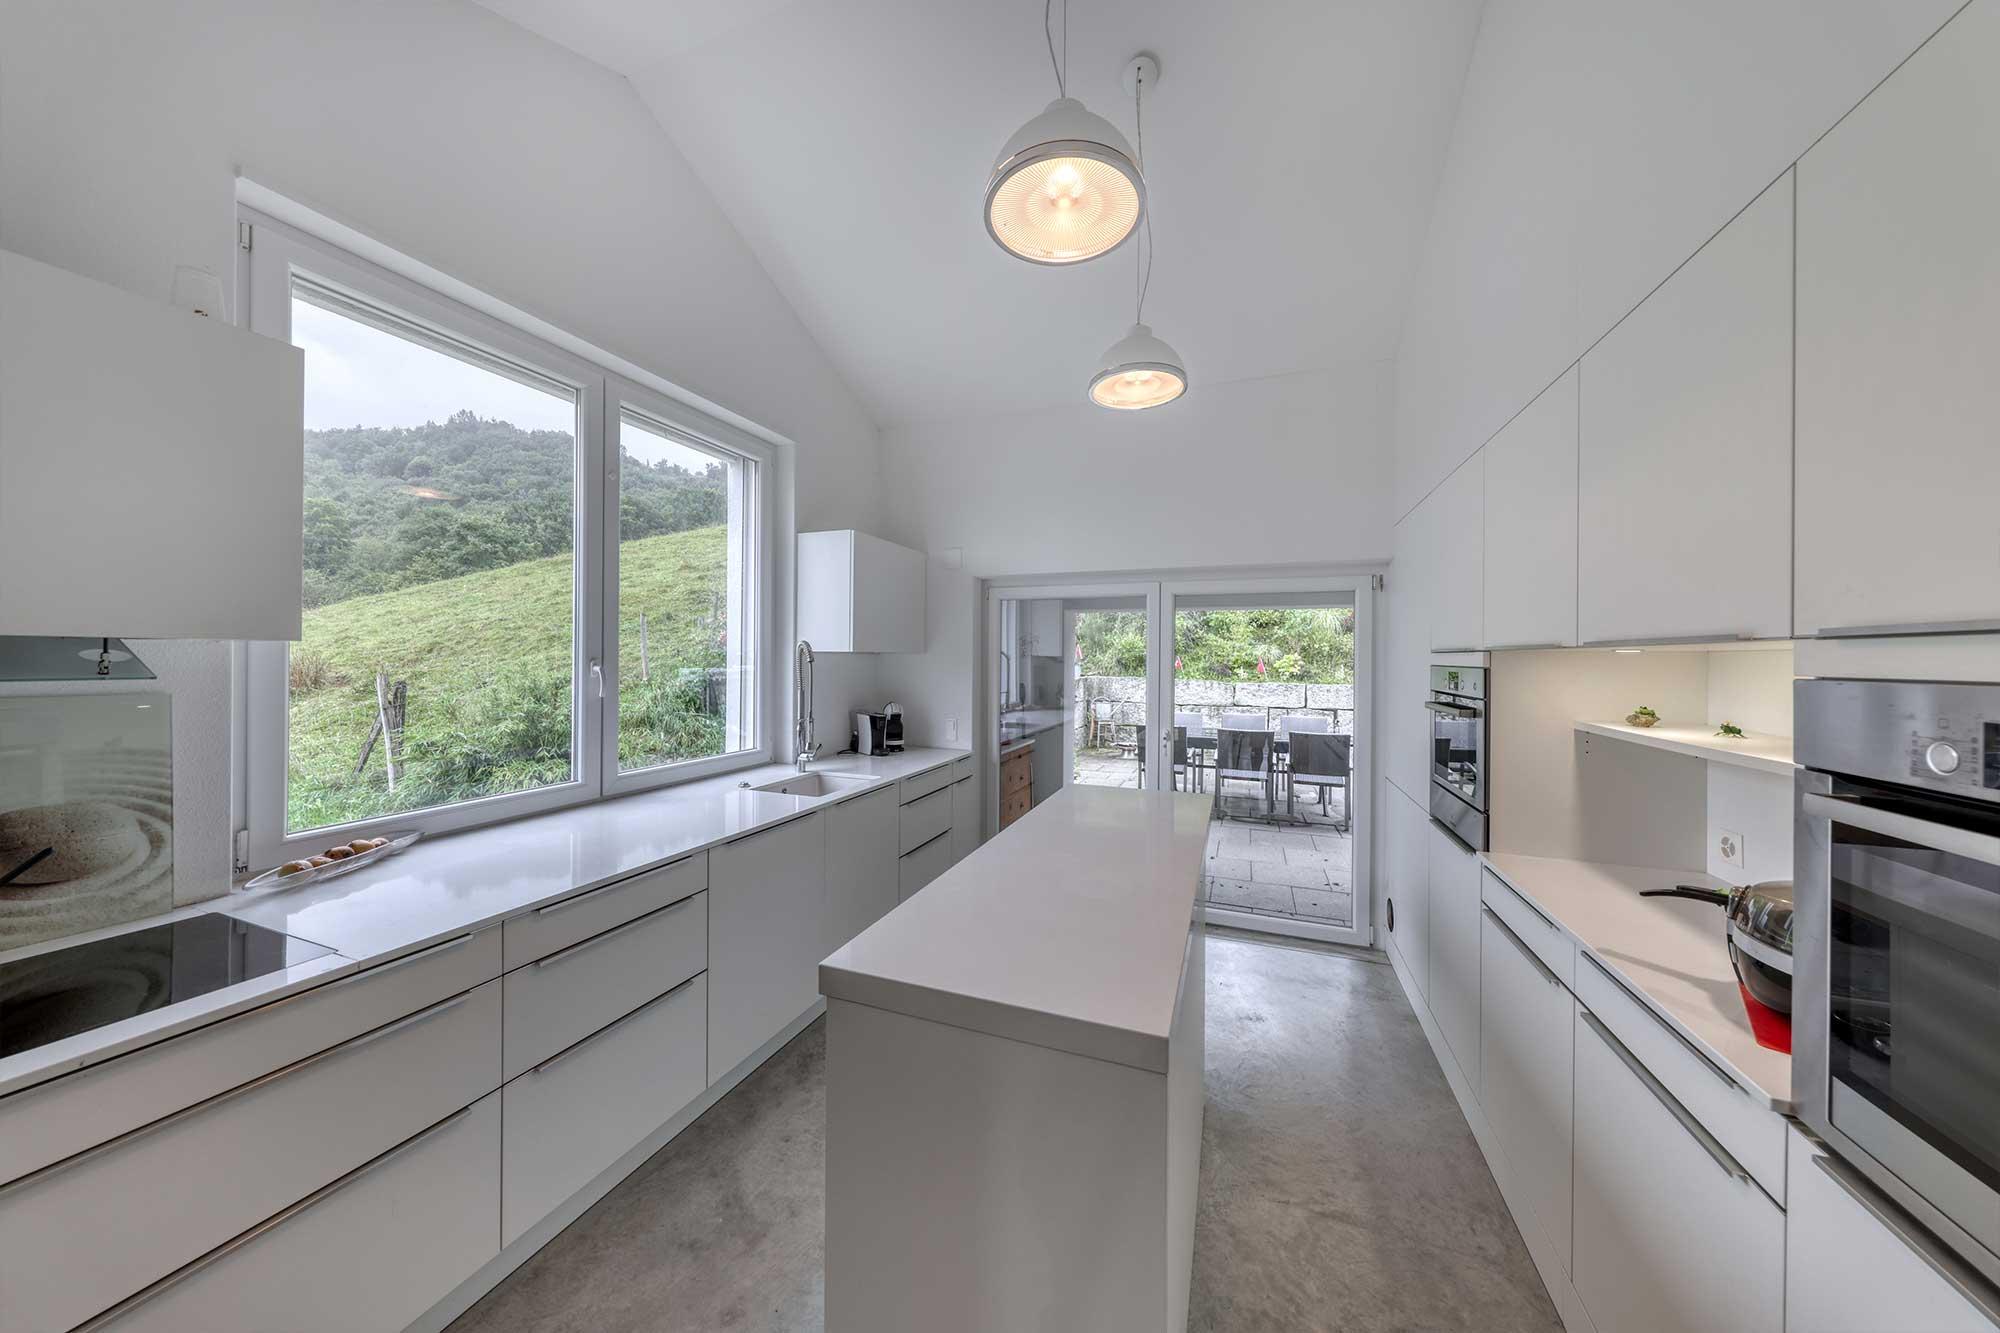 Einfamilienhaus zu verkaufen mit moderner Küche und direktem Gartenzugang, Zürich, Langwiesen